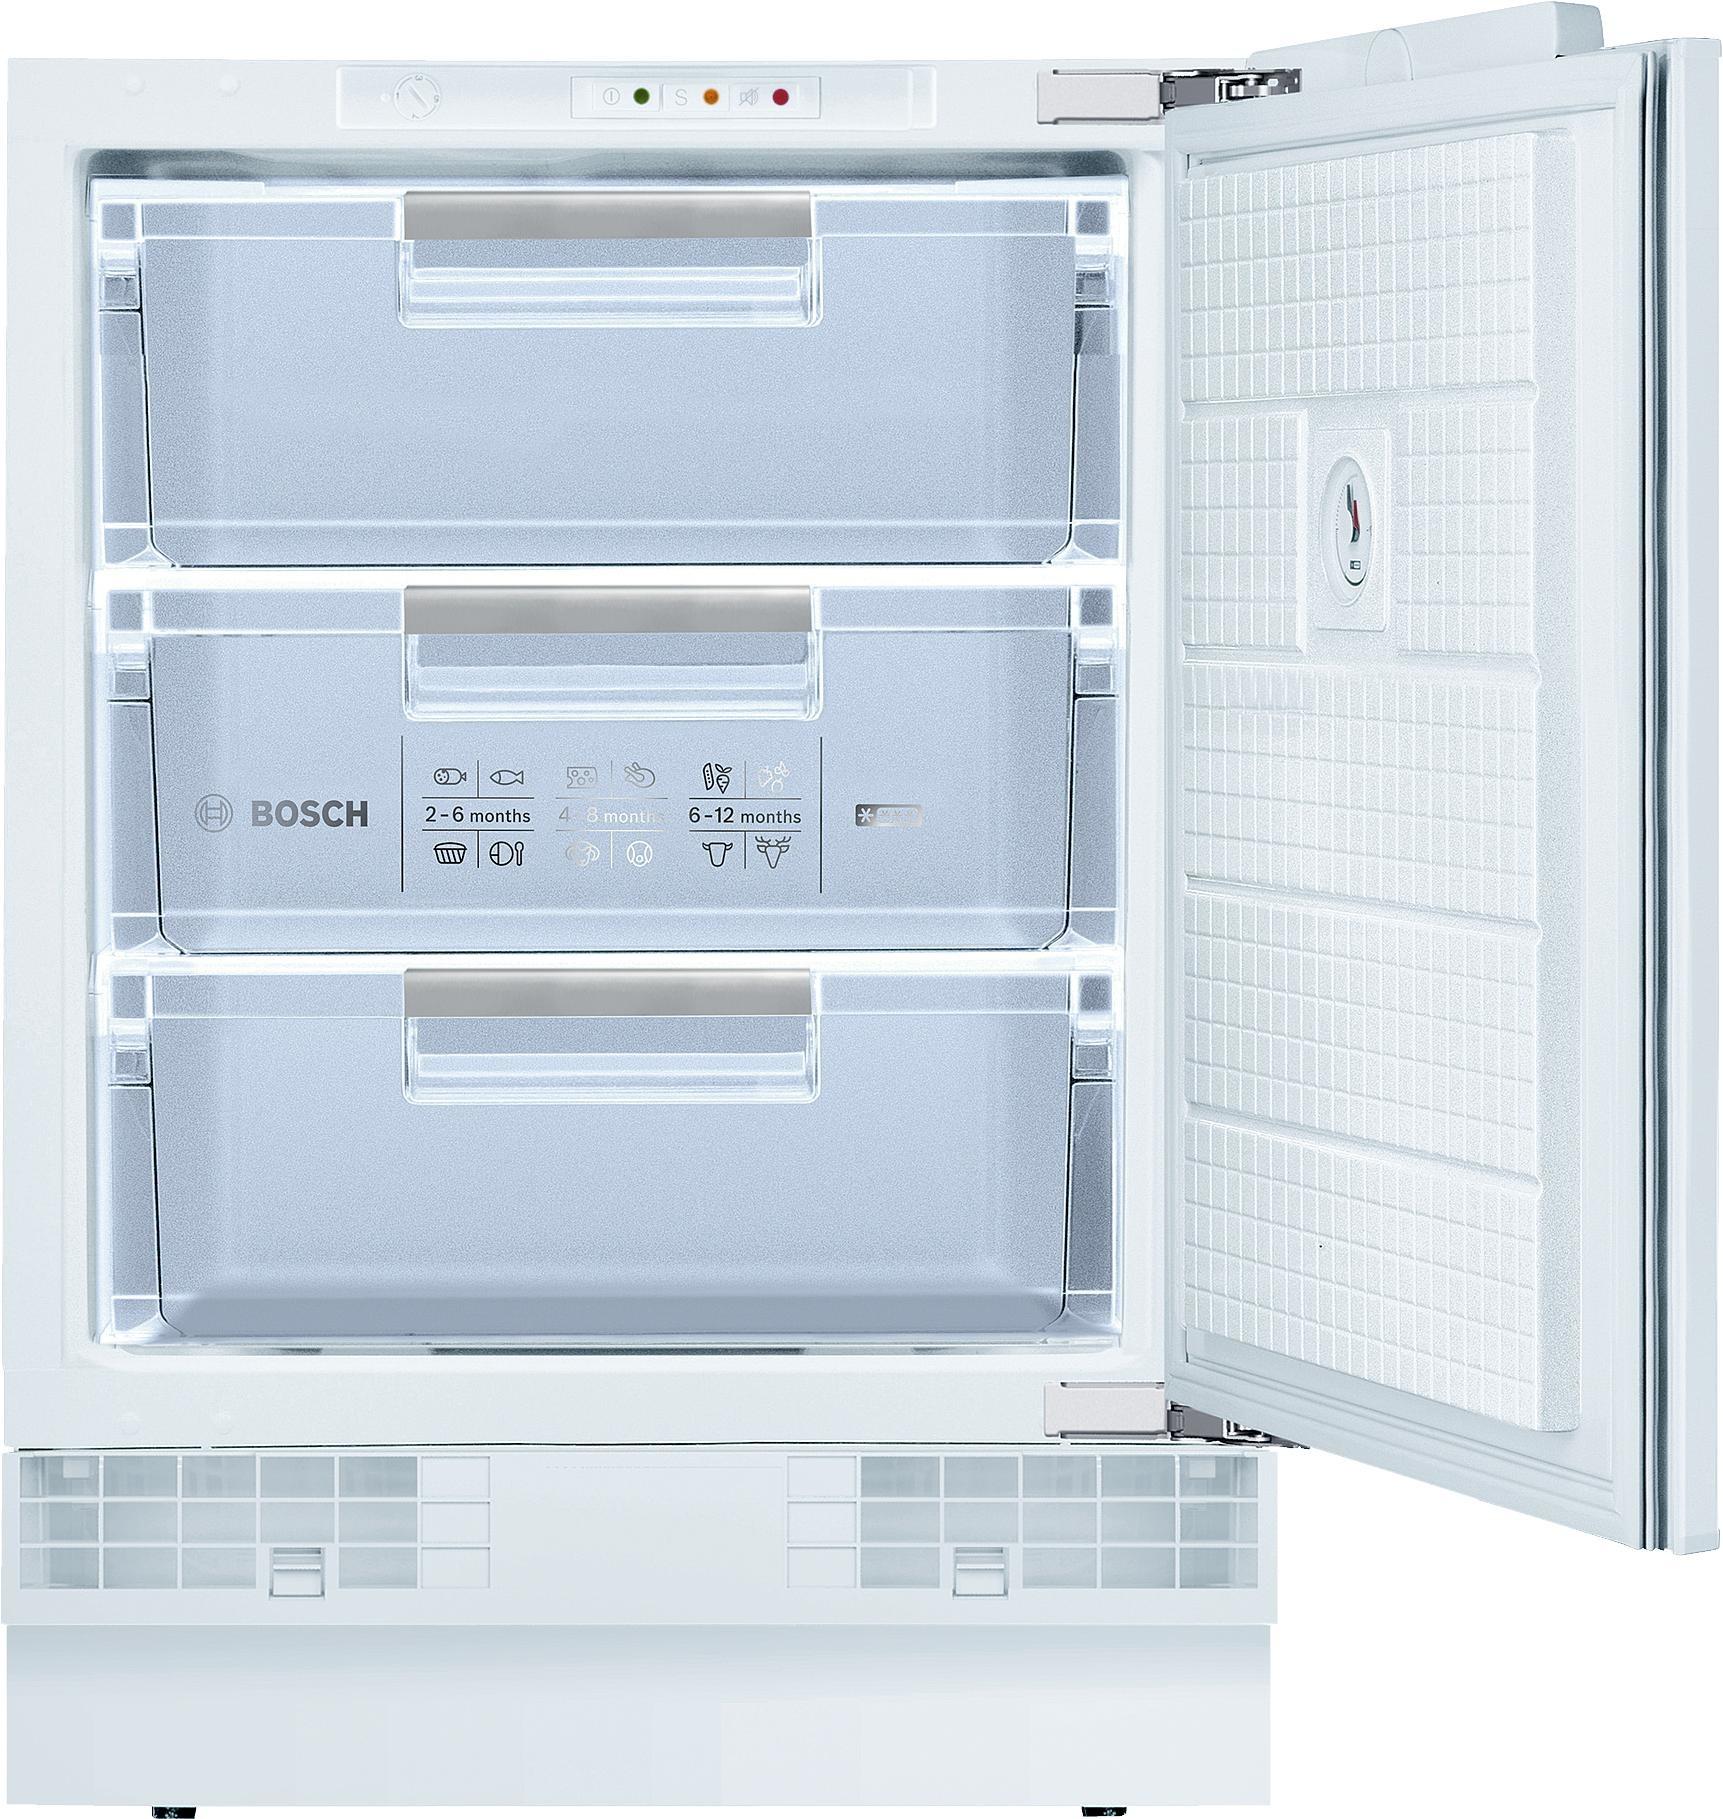 Bosch GUD15ADF0 Inbouw vriezer - Prijsvergelijk